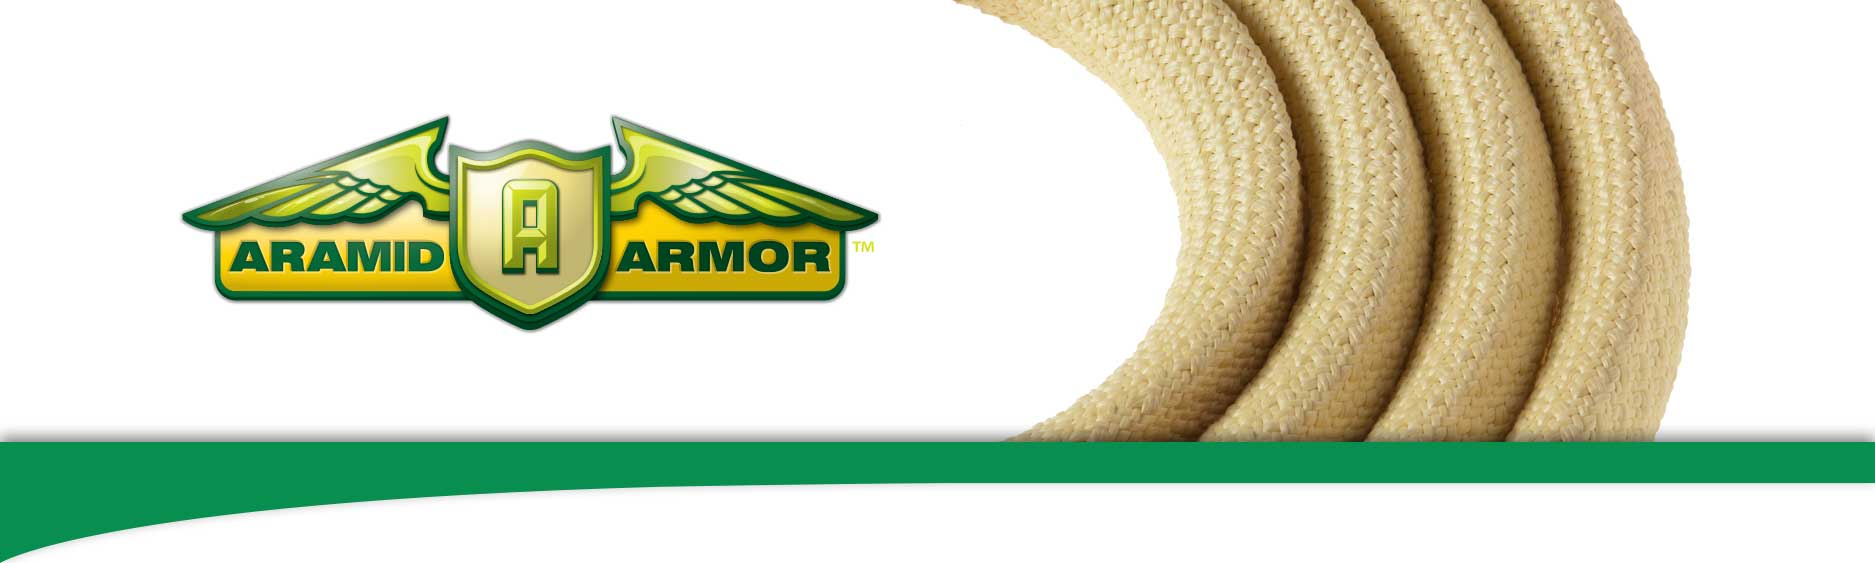 Aramid A Armor